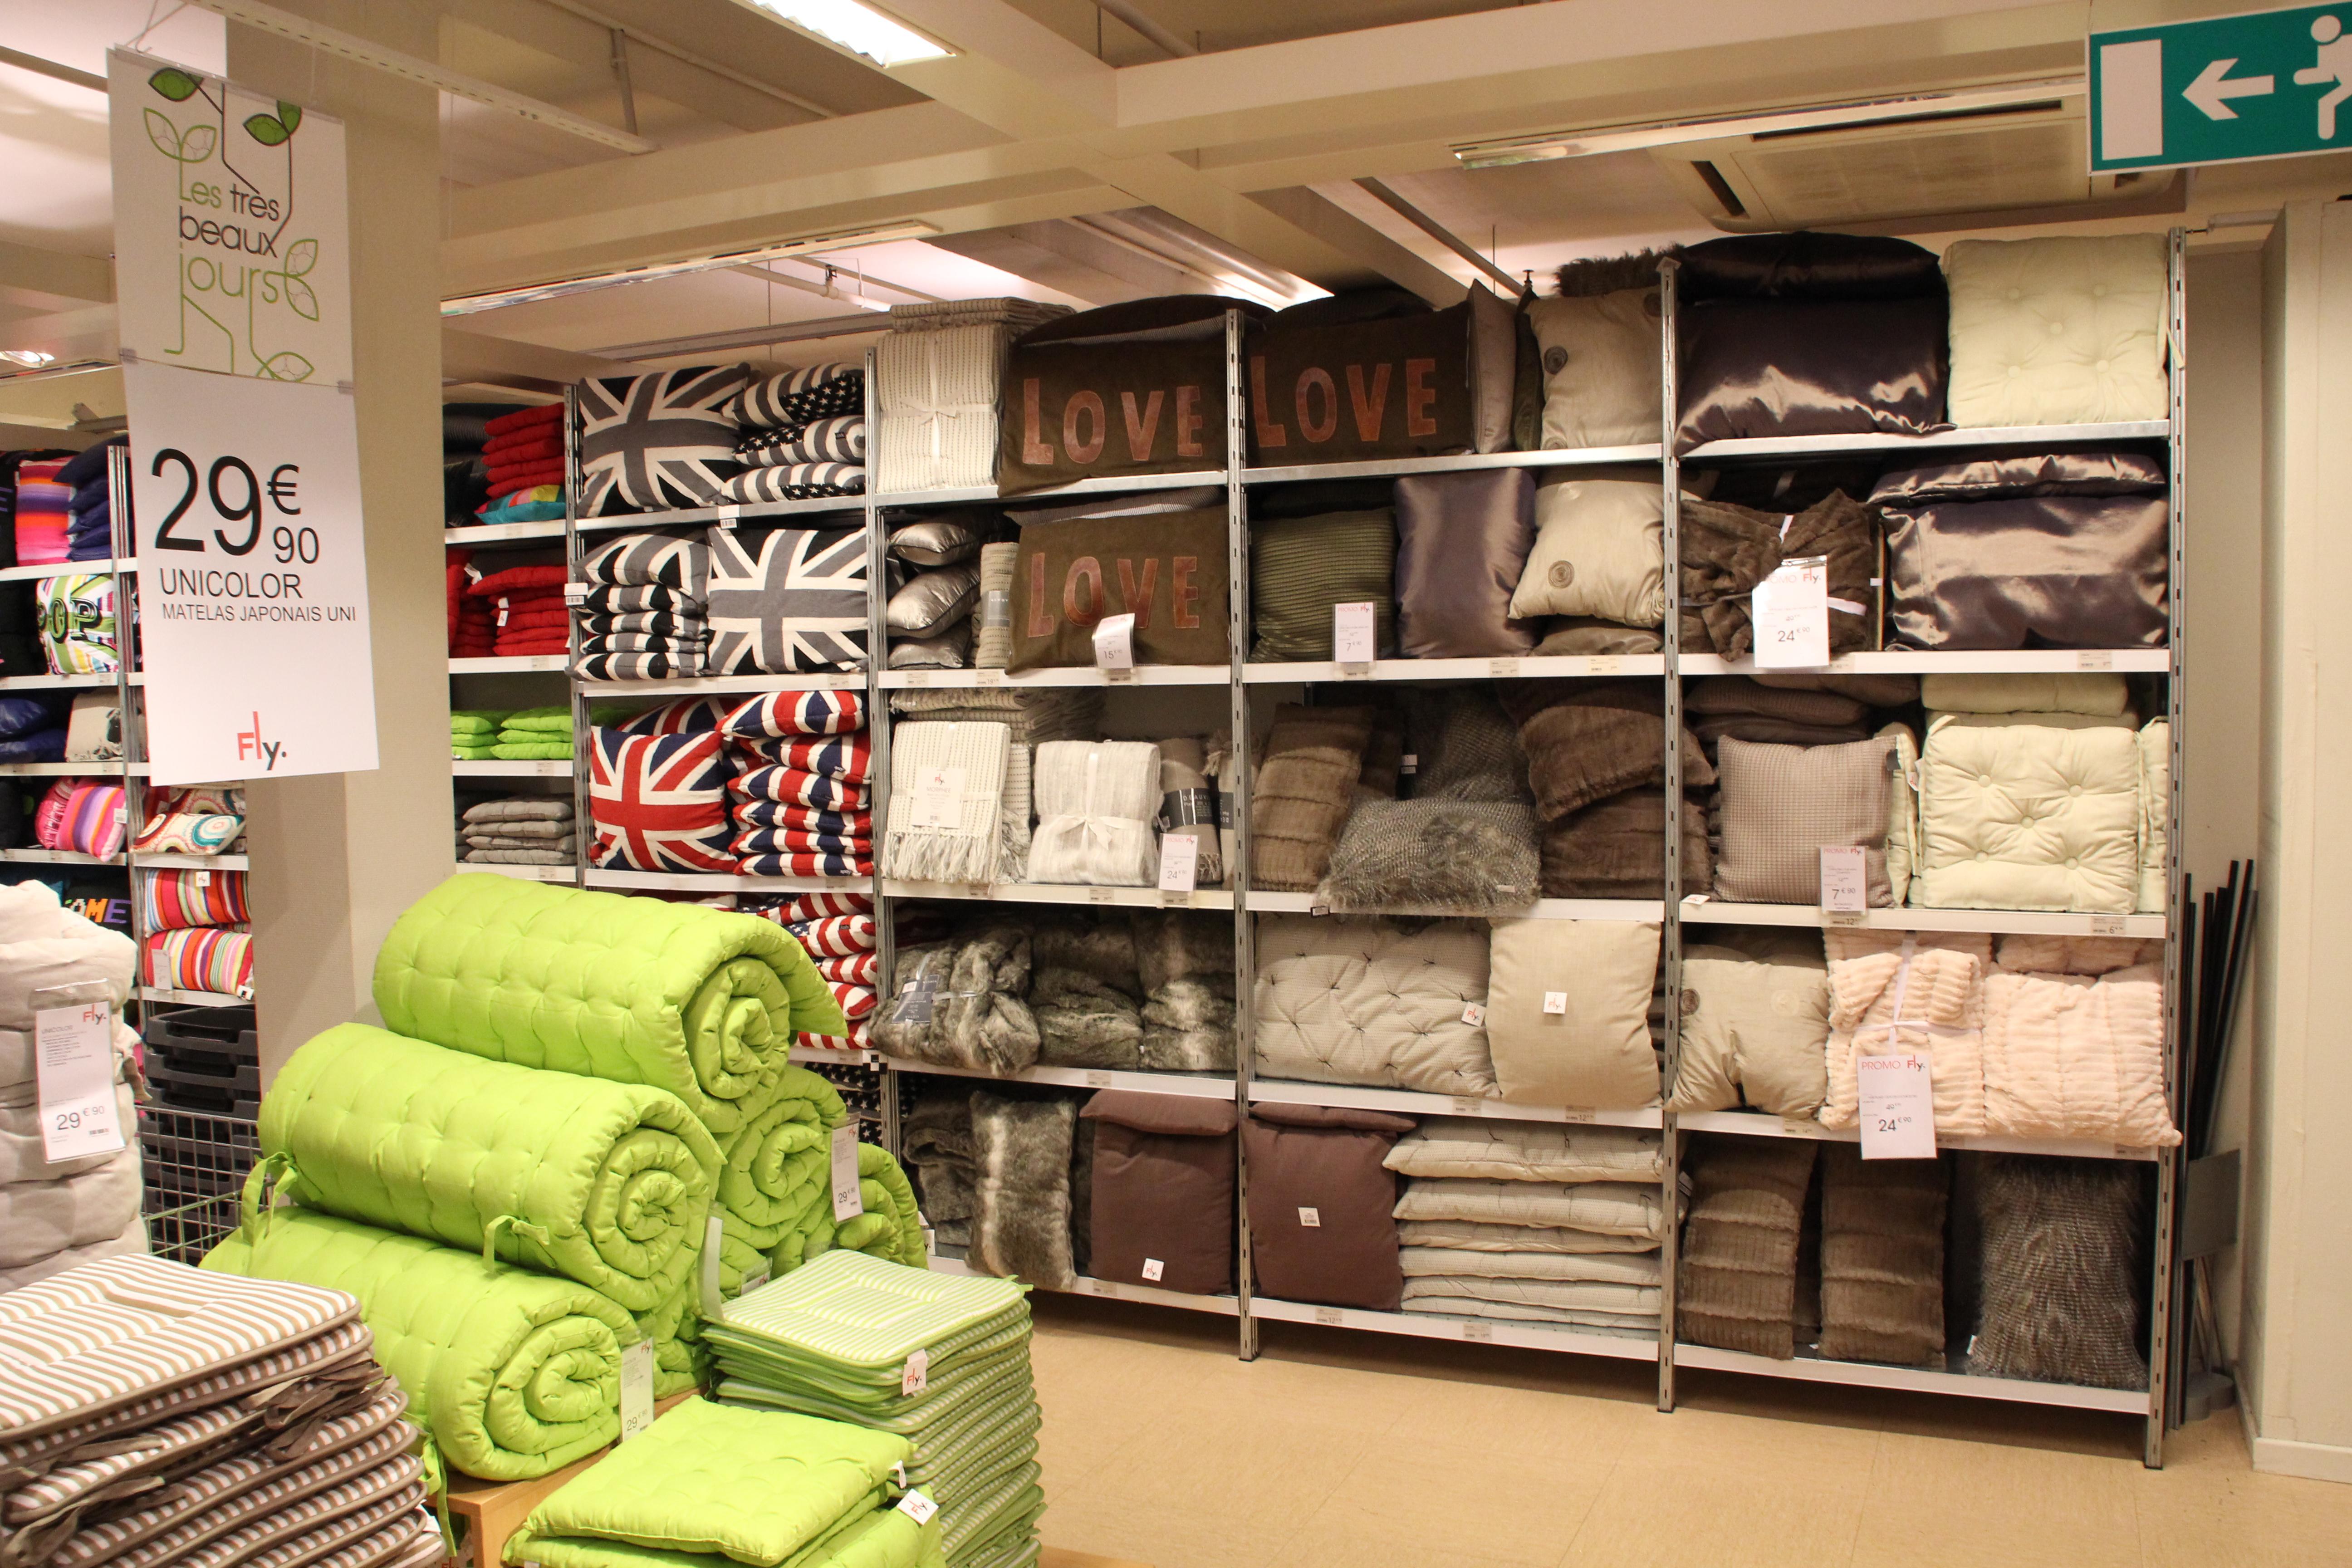 magasins fly a colmac sammlung von design. Black Bedroom Furniture Sets. Home Design Ideas